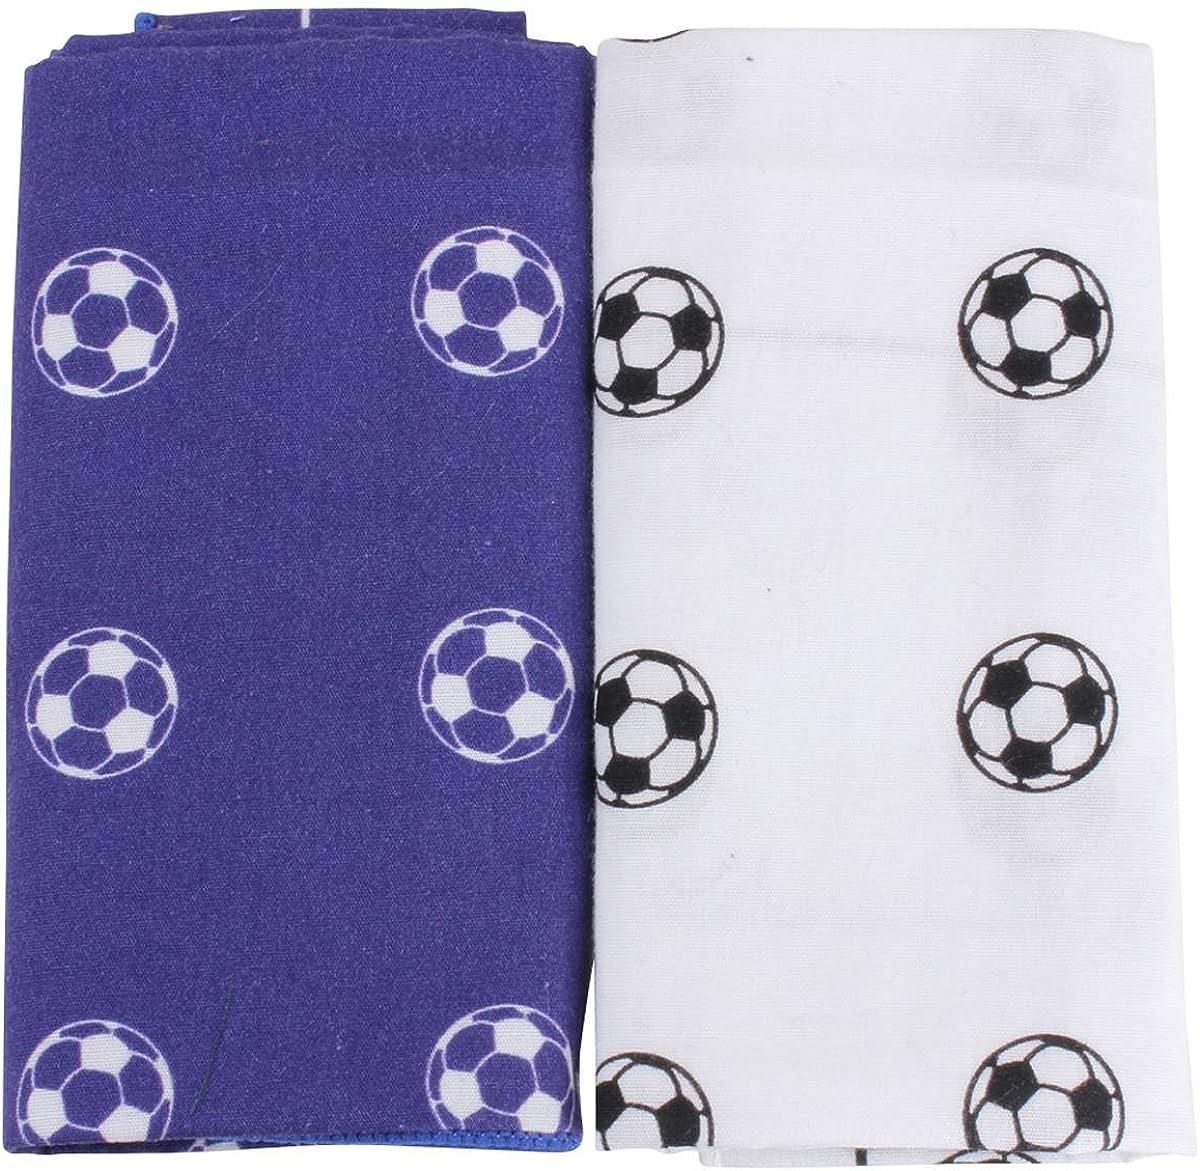 David Van Hagen Mens Football Handkerchief Set - Blue/White